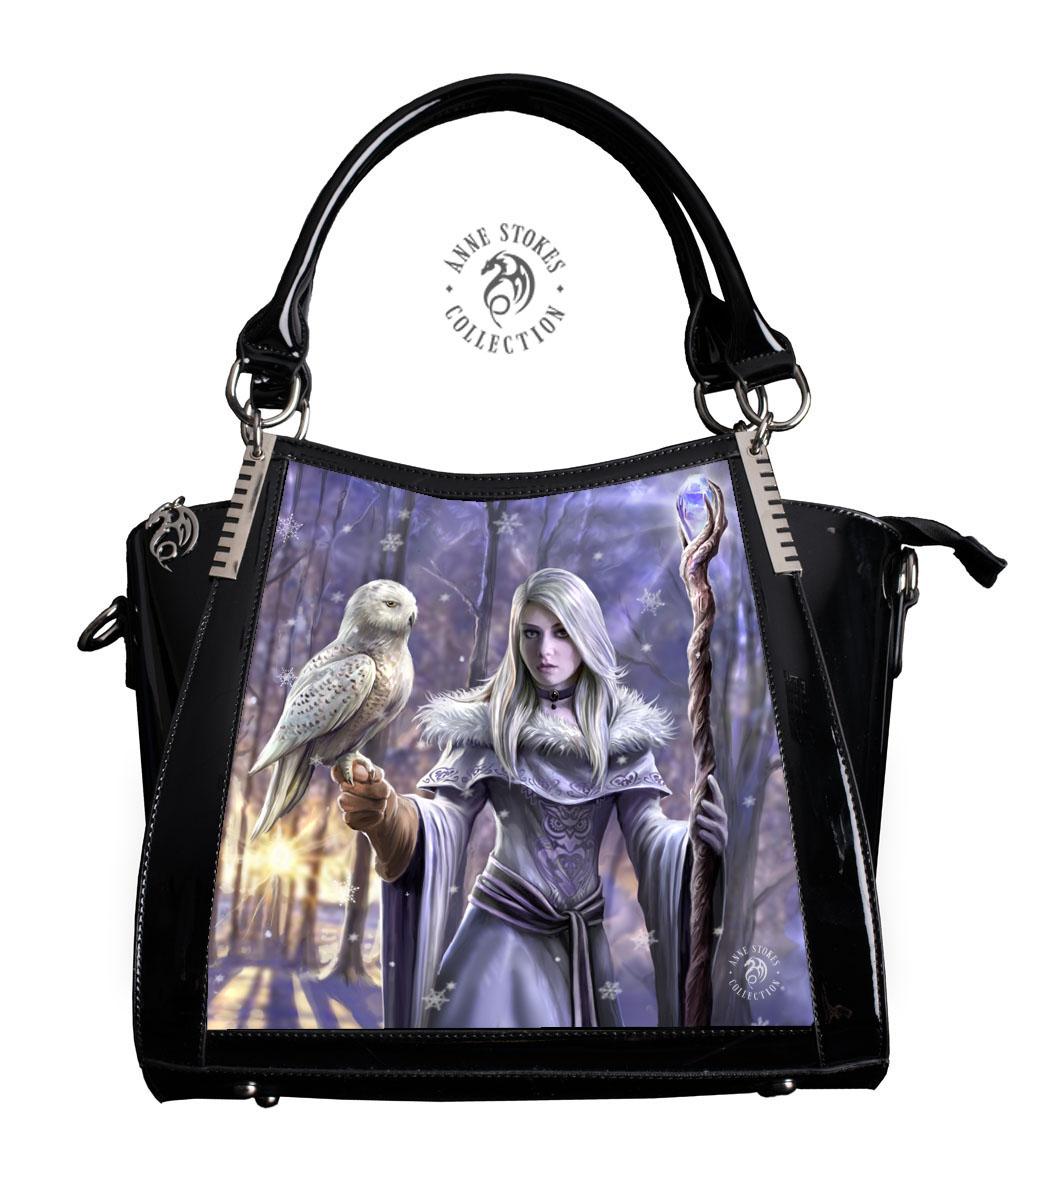 Fosshop Winter Owl Handtasche In Lack Und 3d Bild Anne Stokes